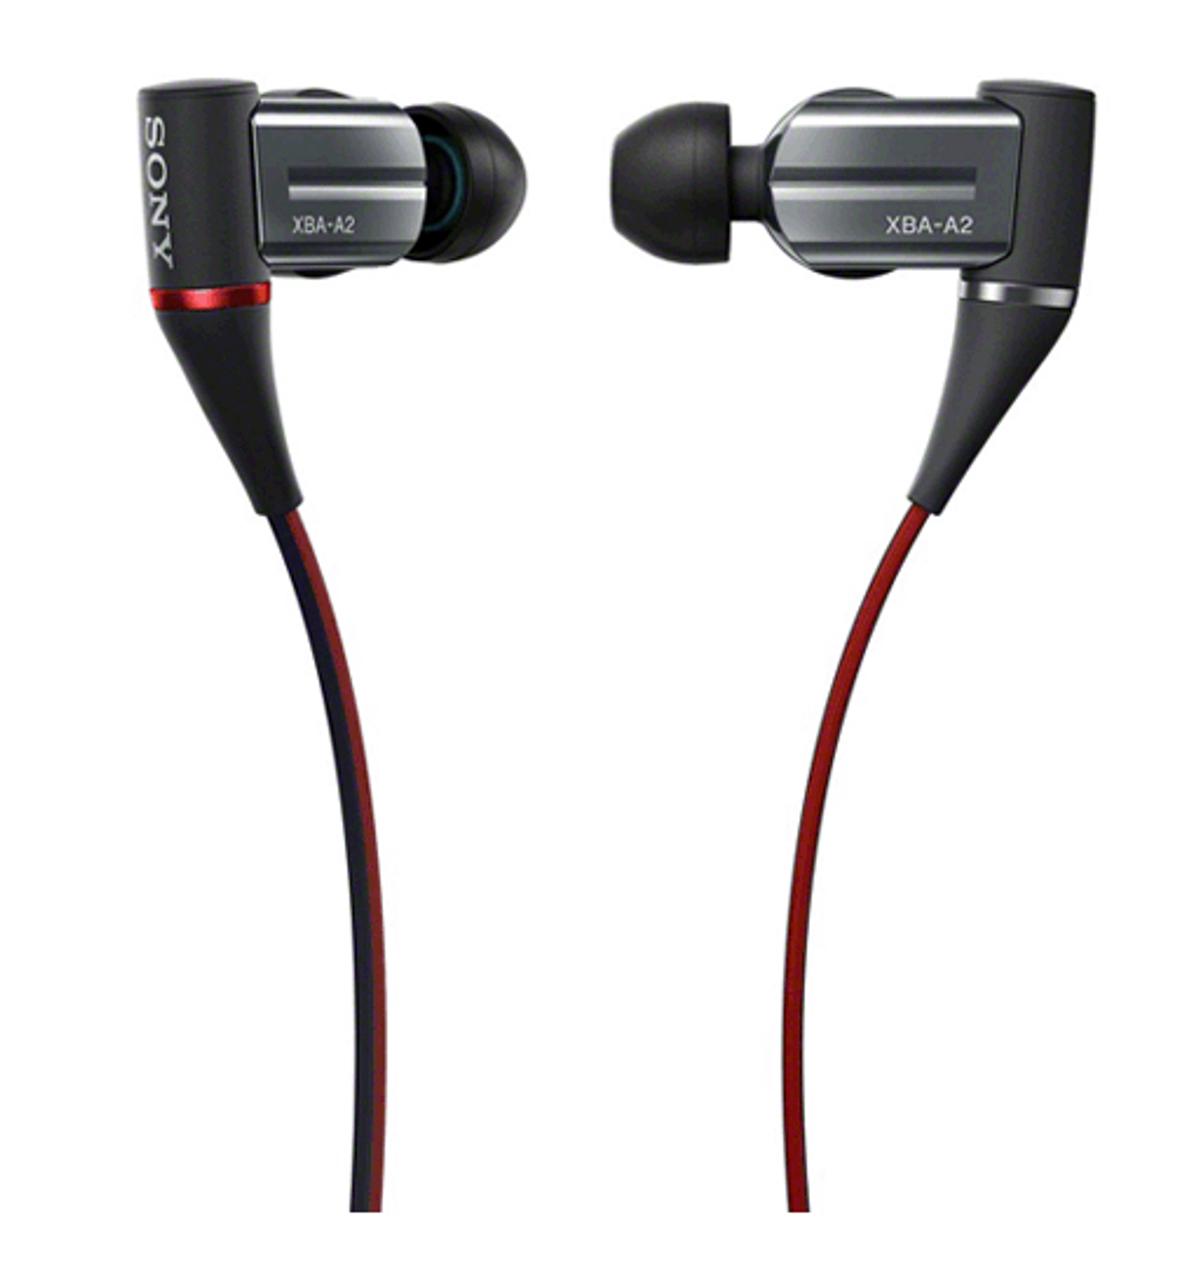 Sony XBA-A2 In-Ear Hi-Fi Headphones